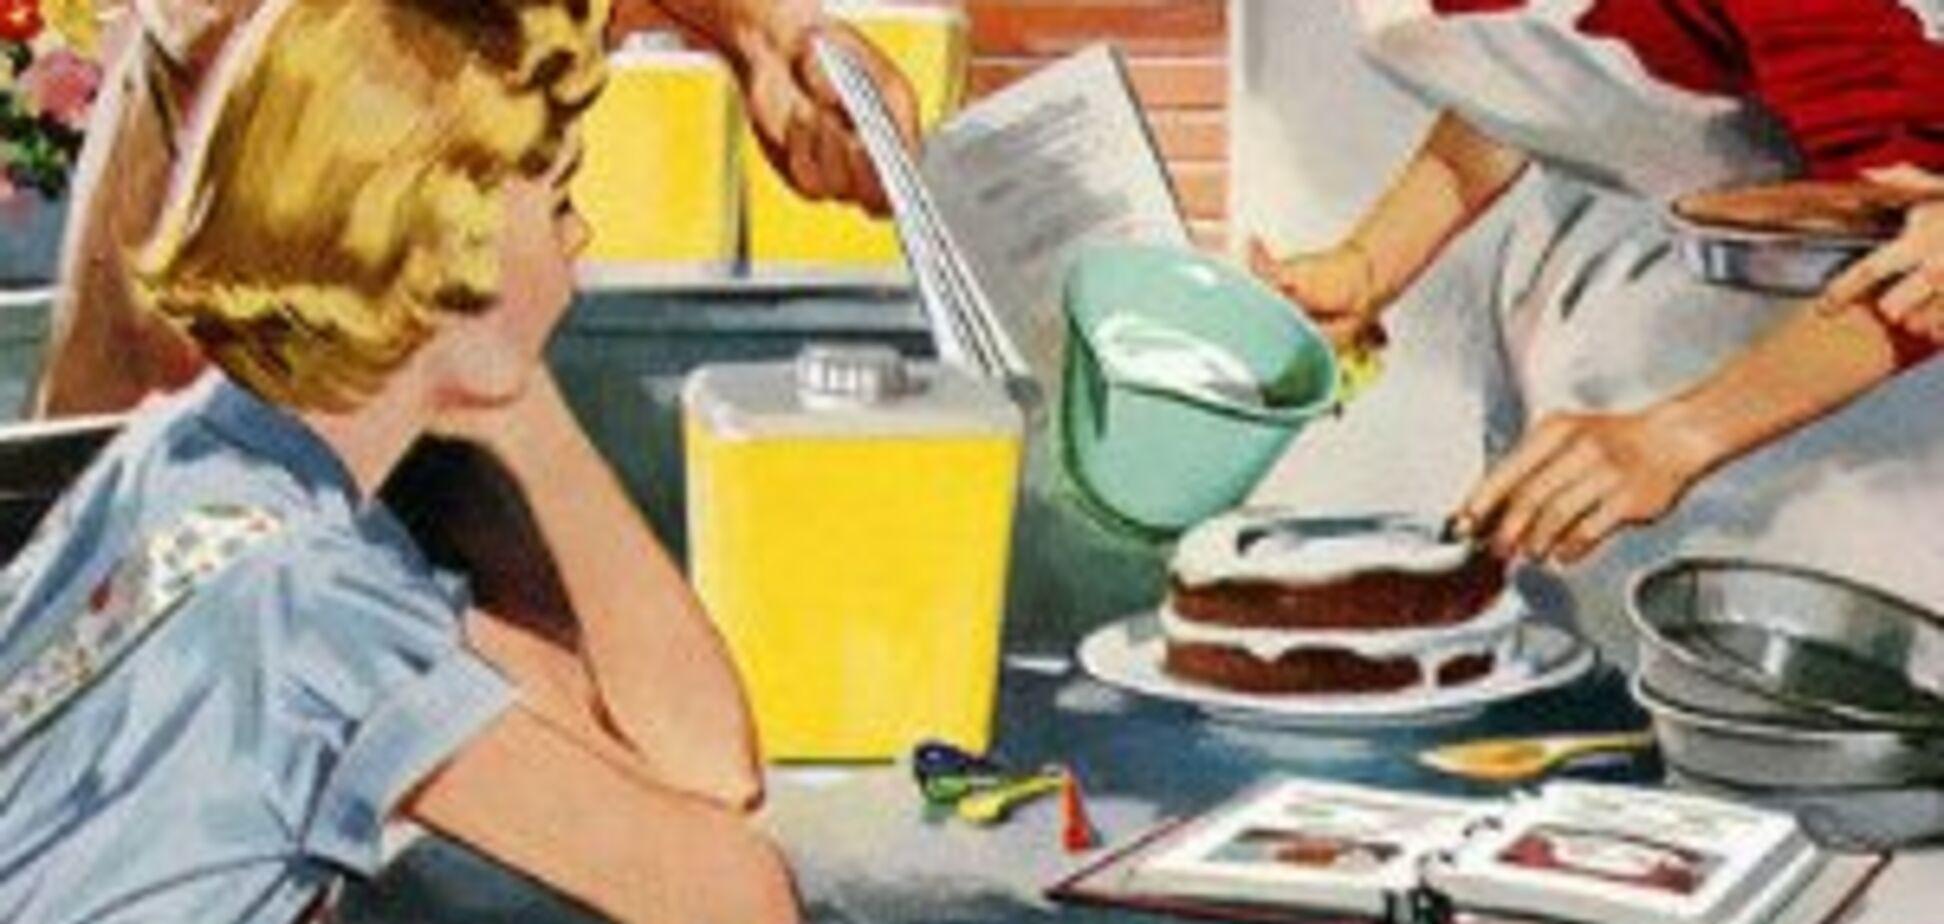 Найпростіший і найсмачніший крем для торта за рецептом 1958 року